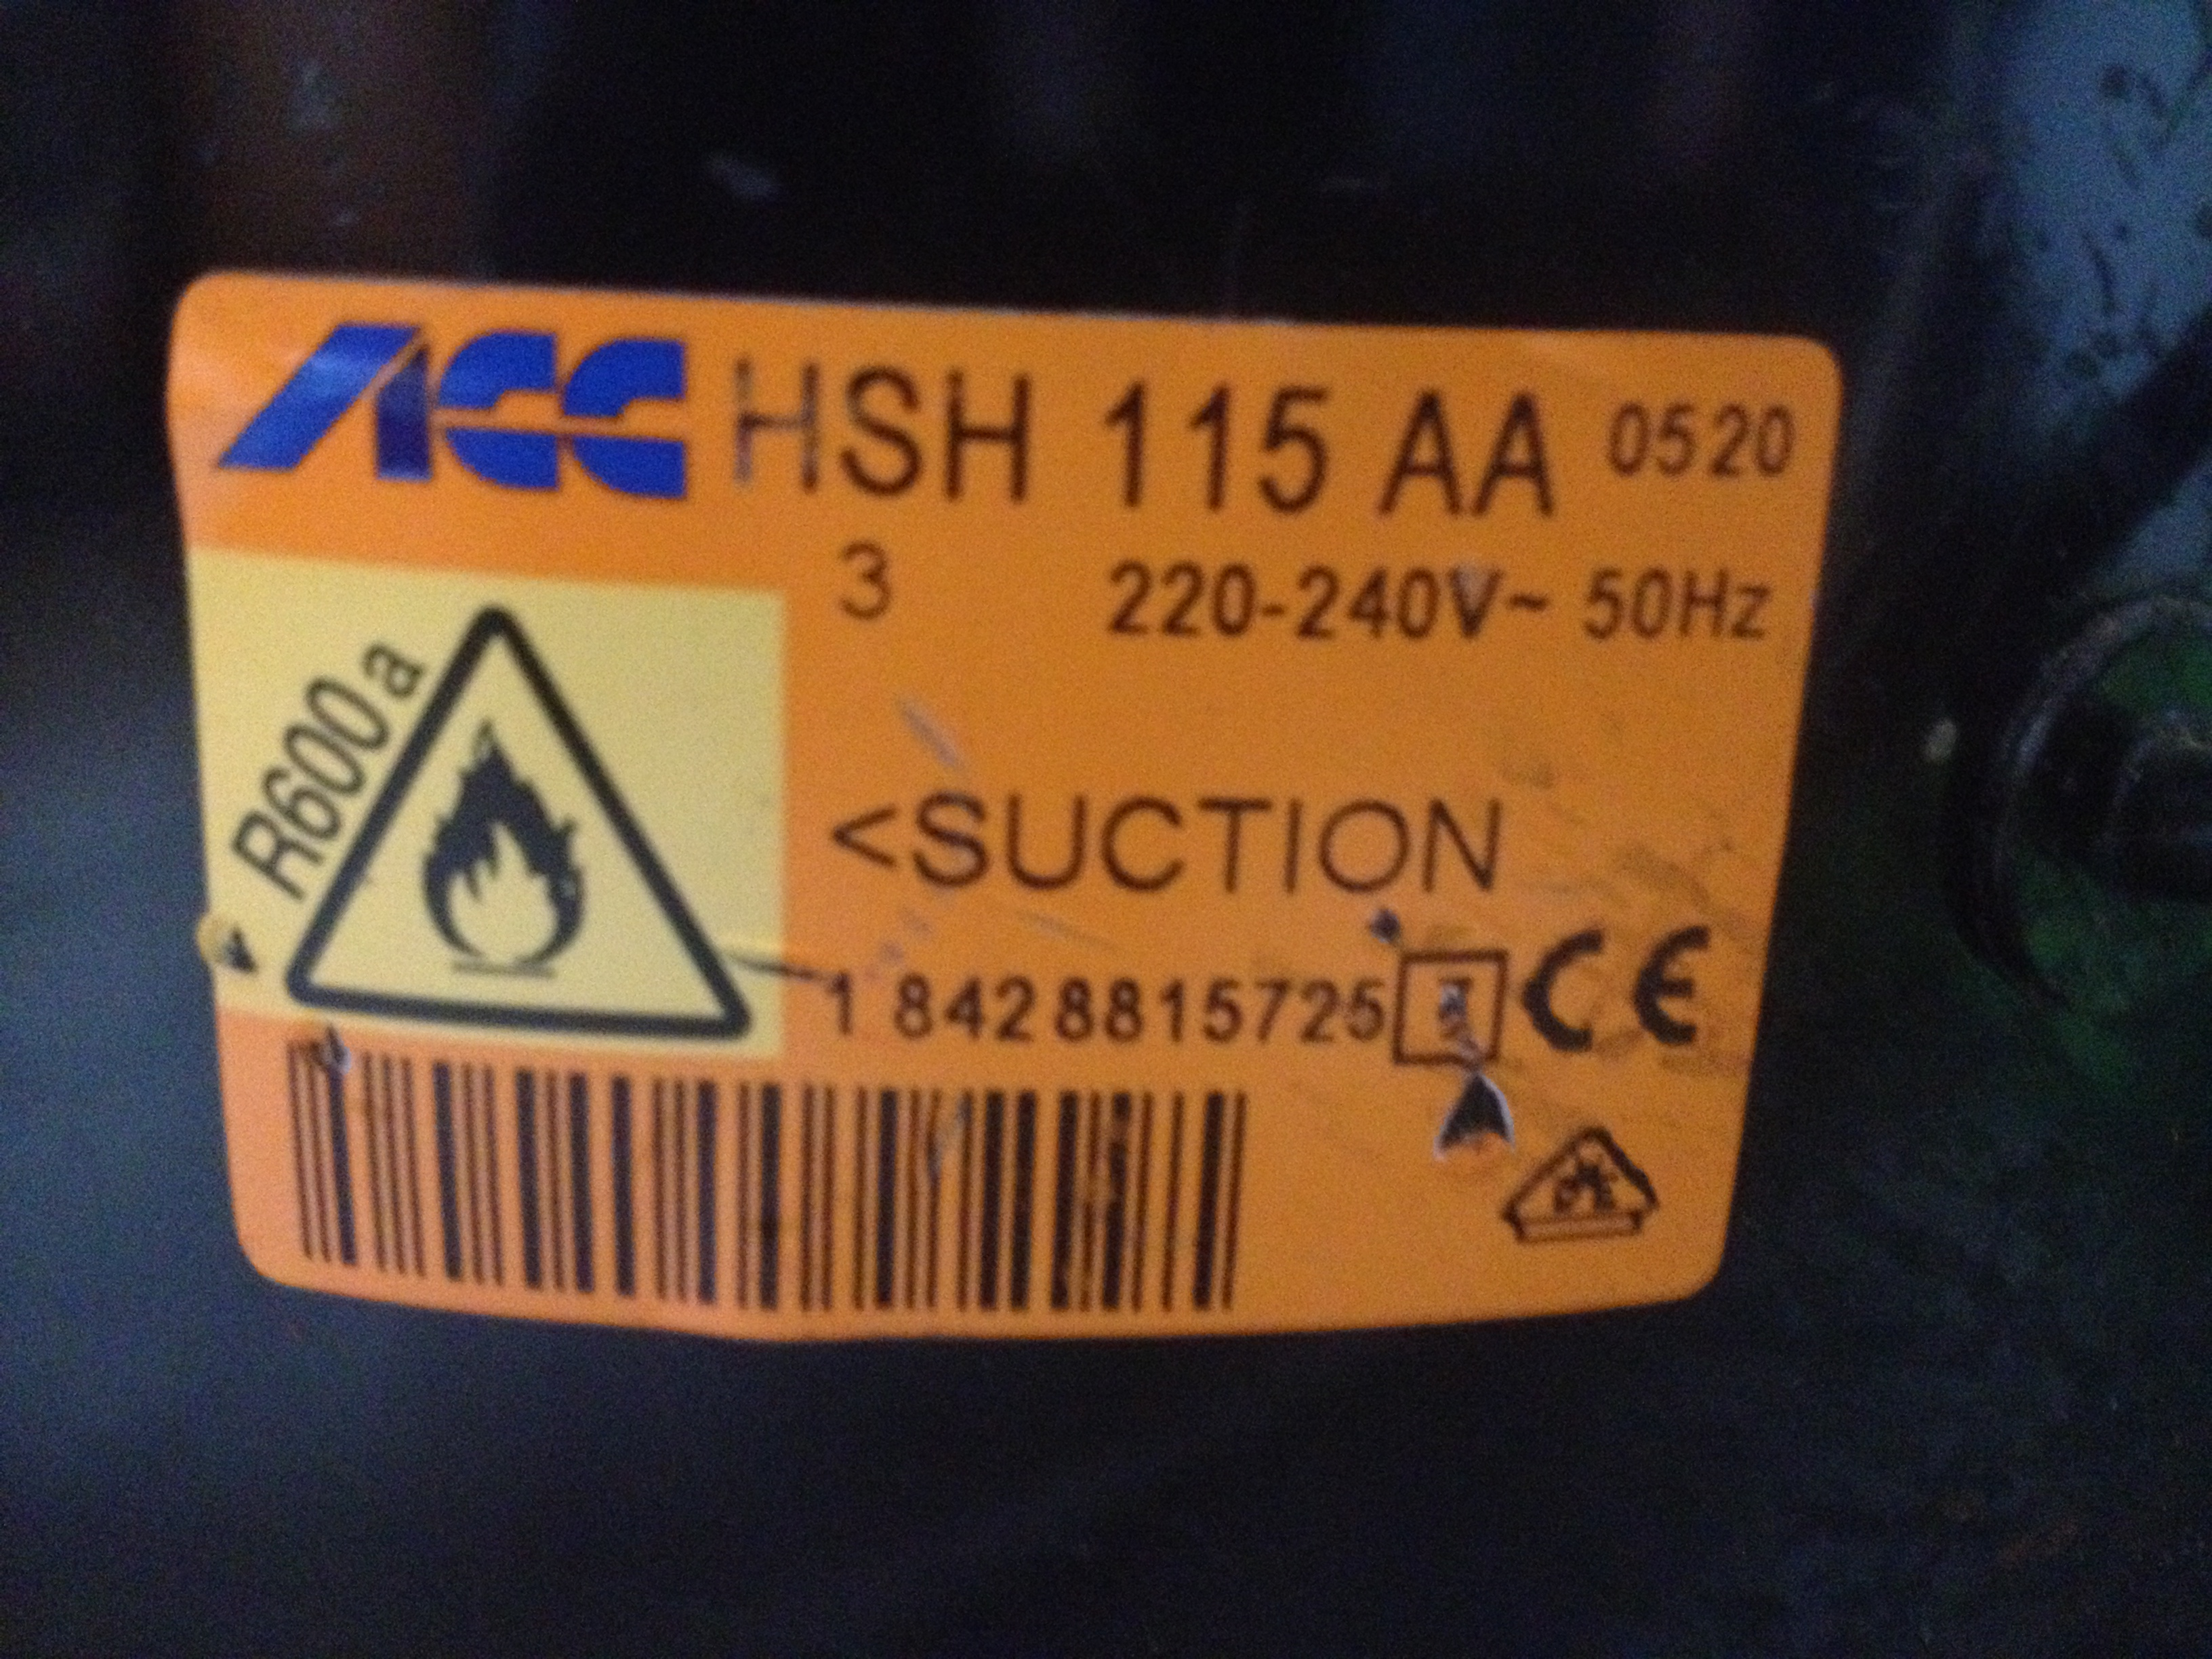 Siemens Kühlschrank Blinkt : Kühlschrank lampe wechseln so kann man die lampe im kühlschrank